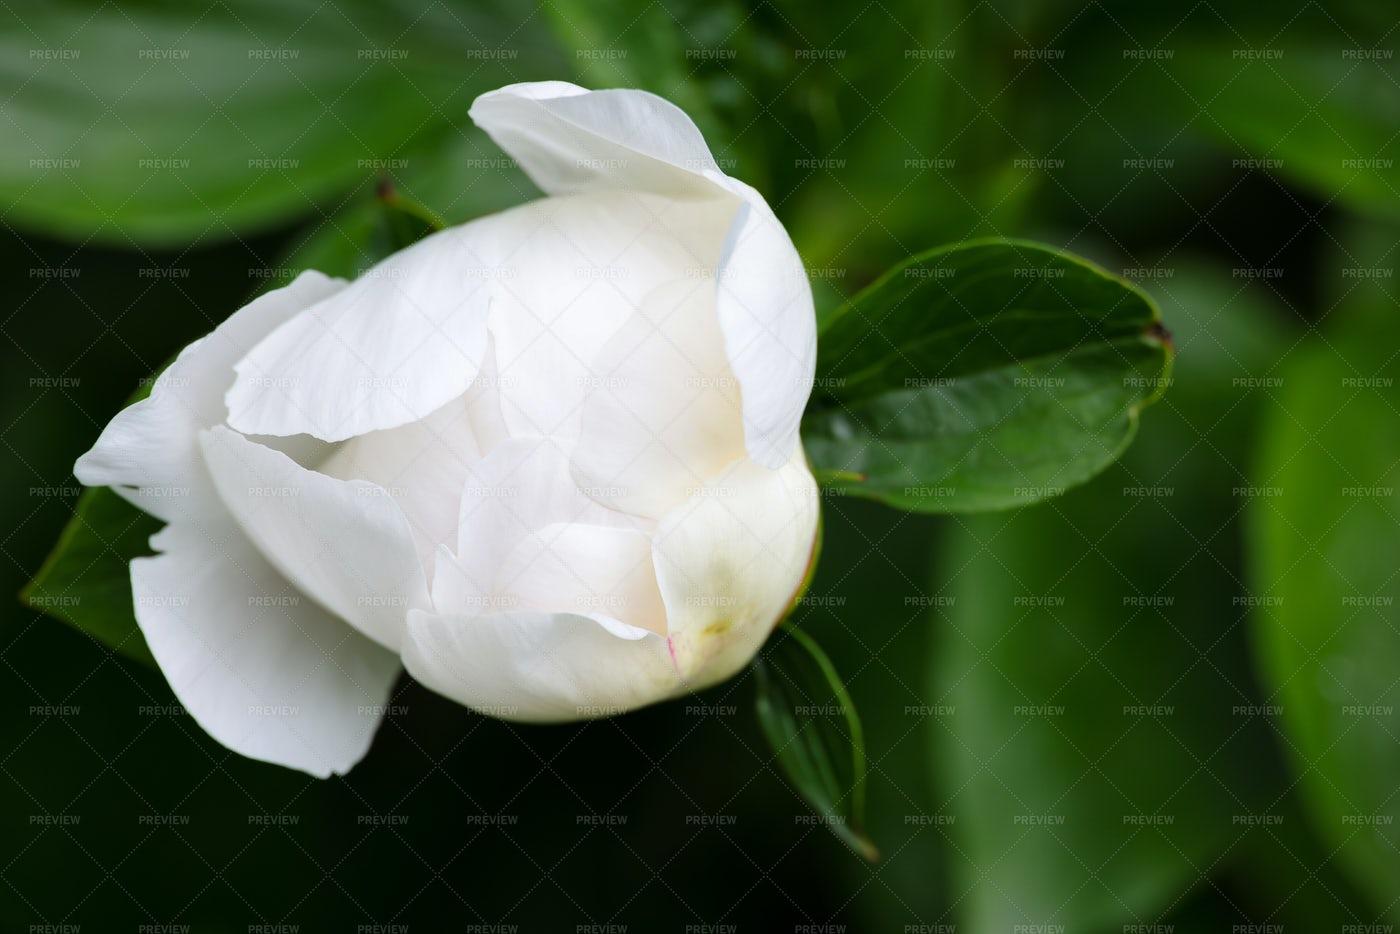 White Peony Flower Bud: Stock Photos